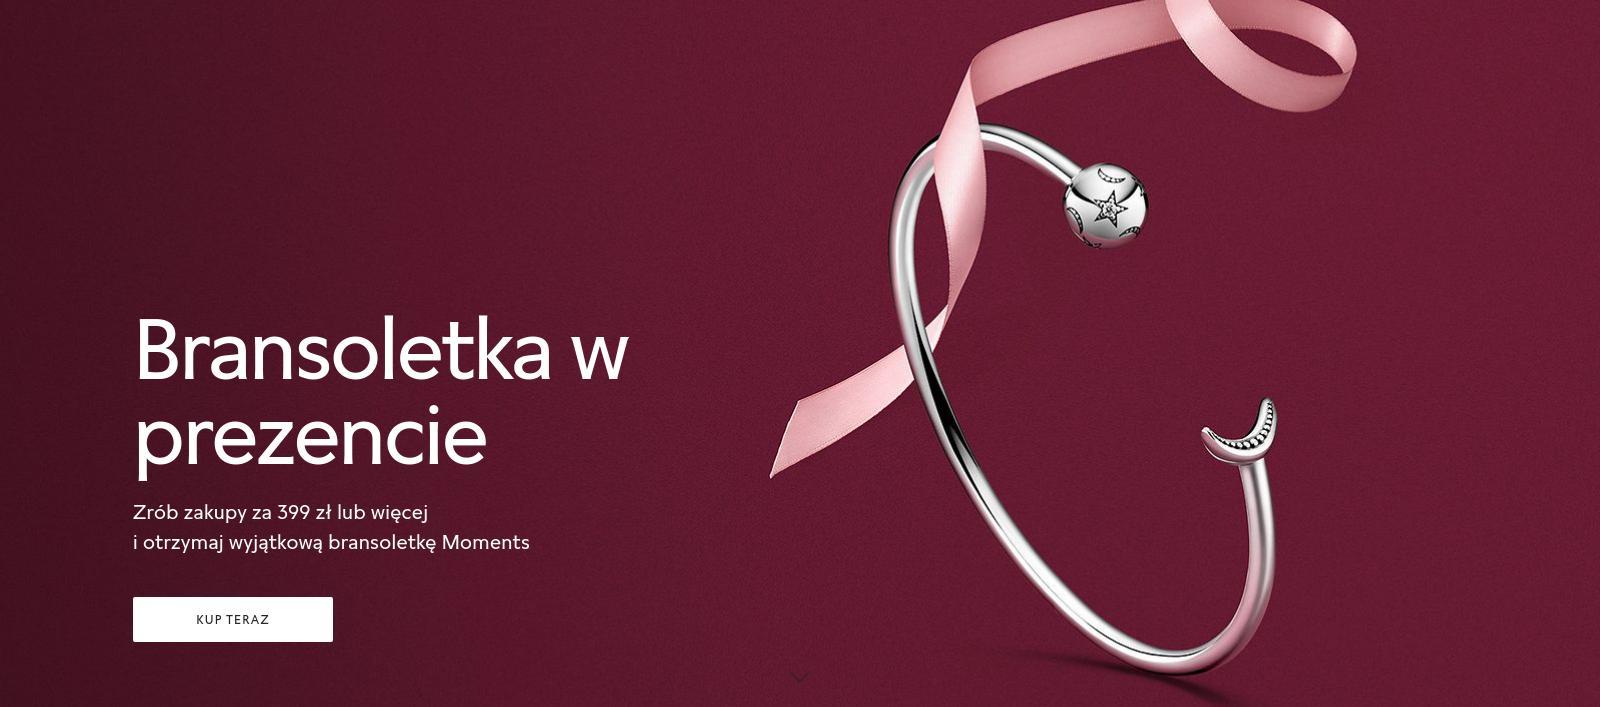 Pandora: przy zakupach za min. 399 zł, bransoletka w prezencie